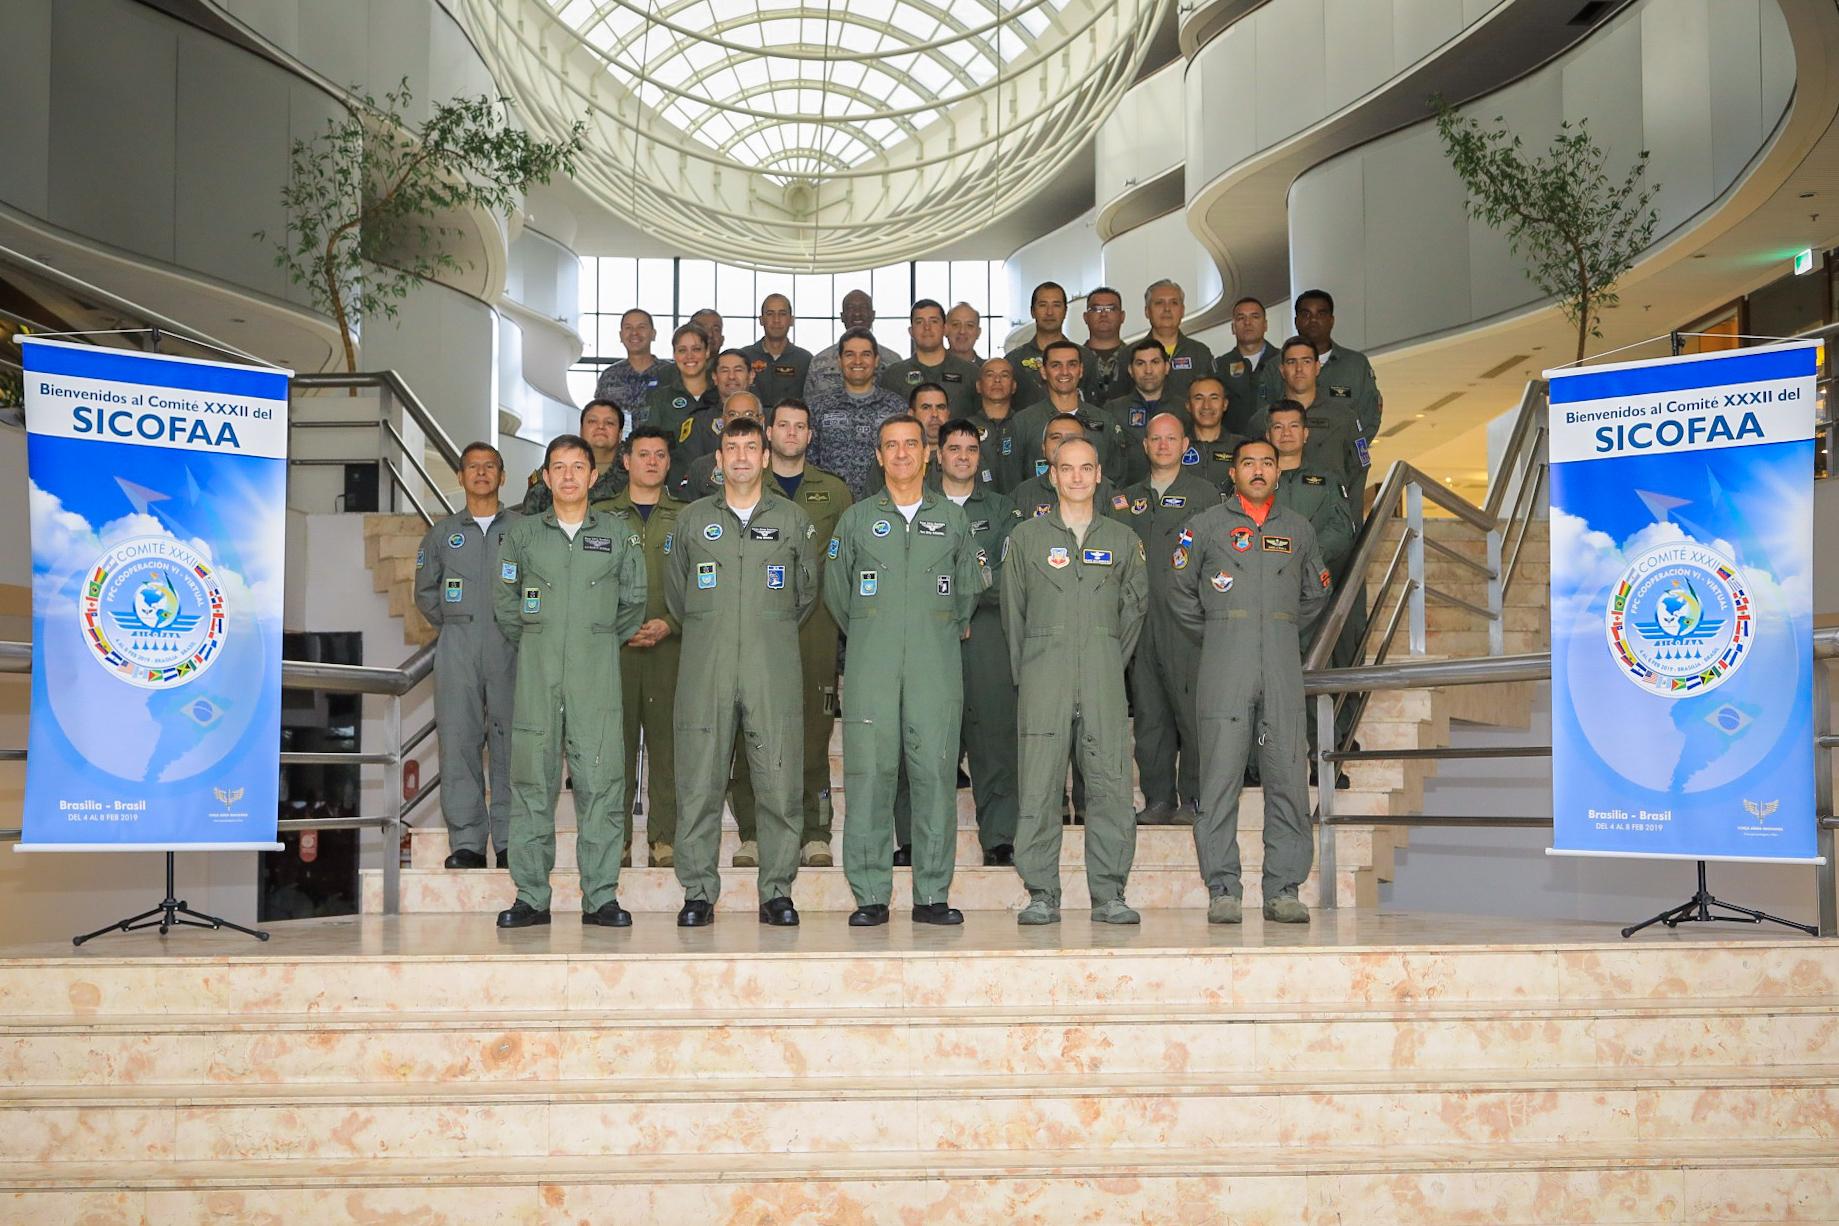 Evento realizado em Brasília reúne representantes de 14 países das Américas